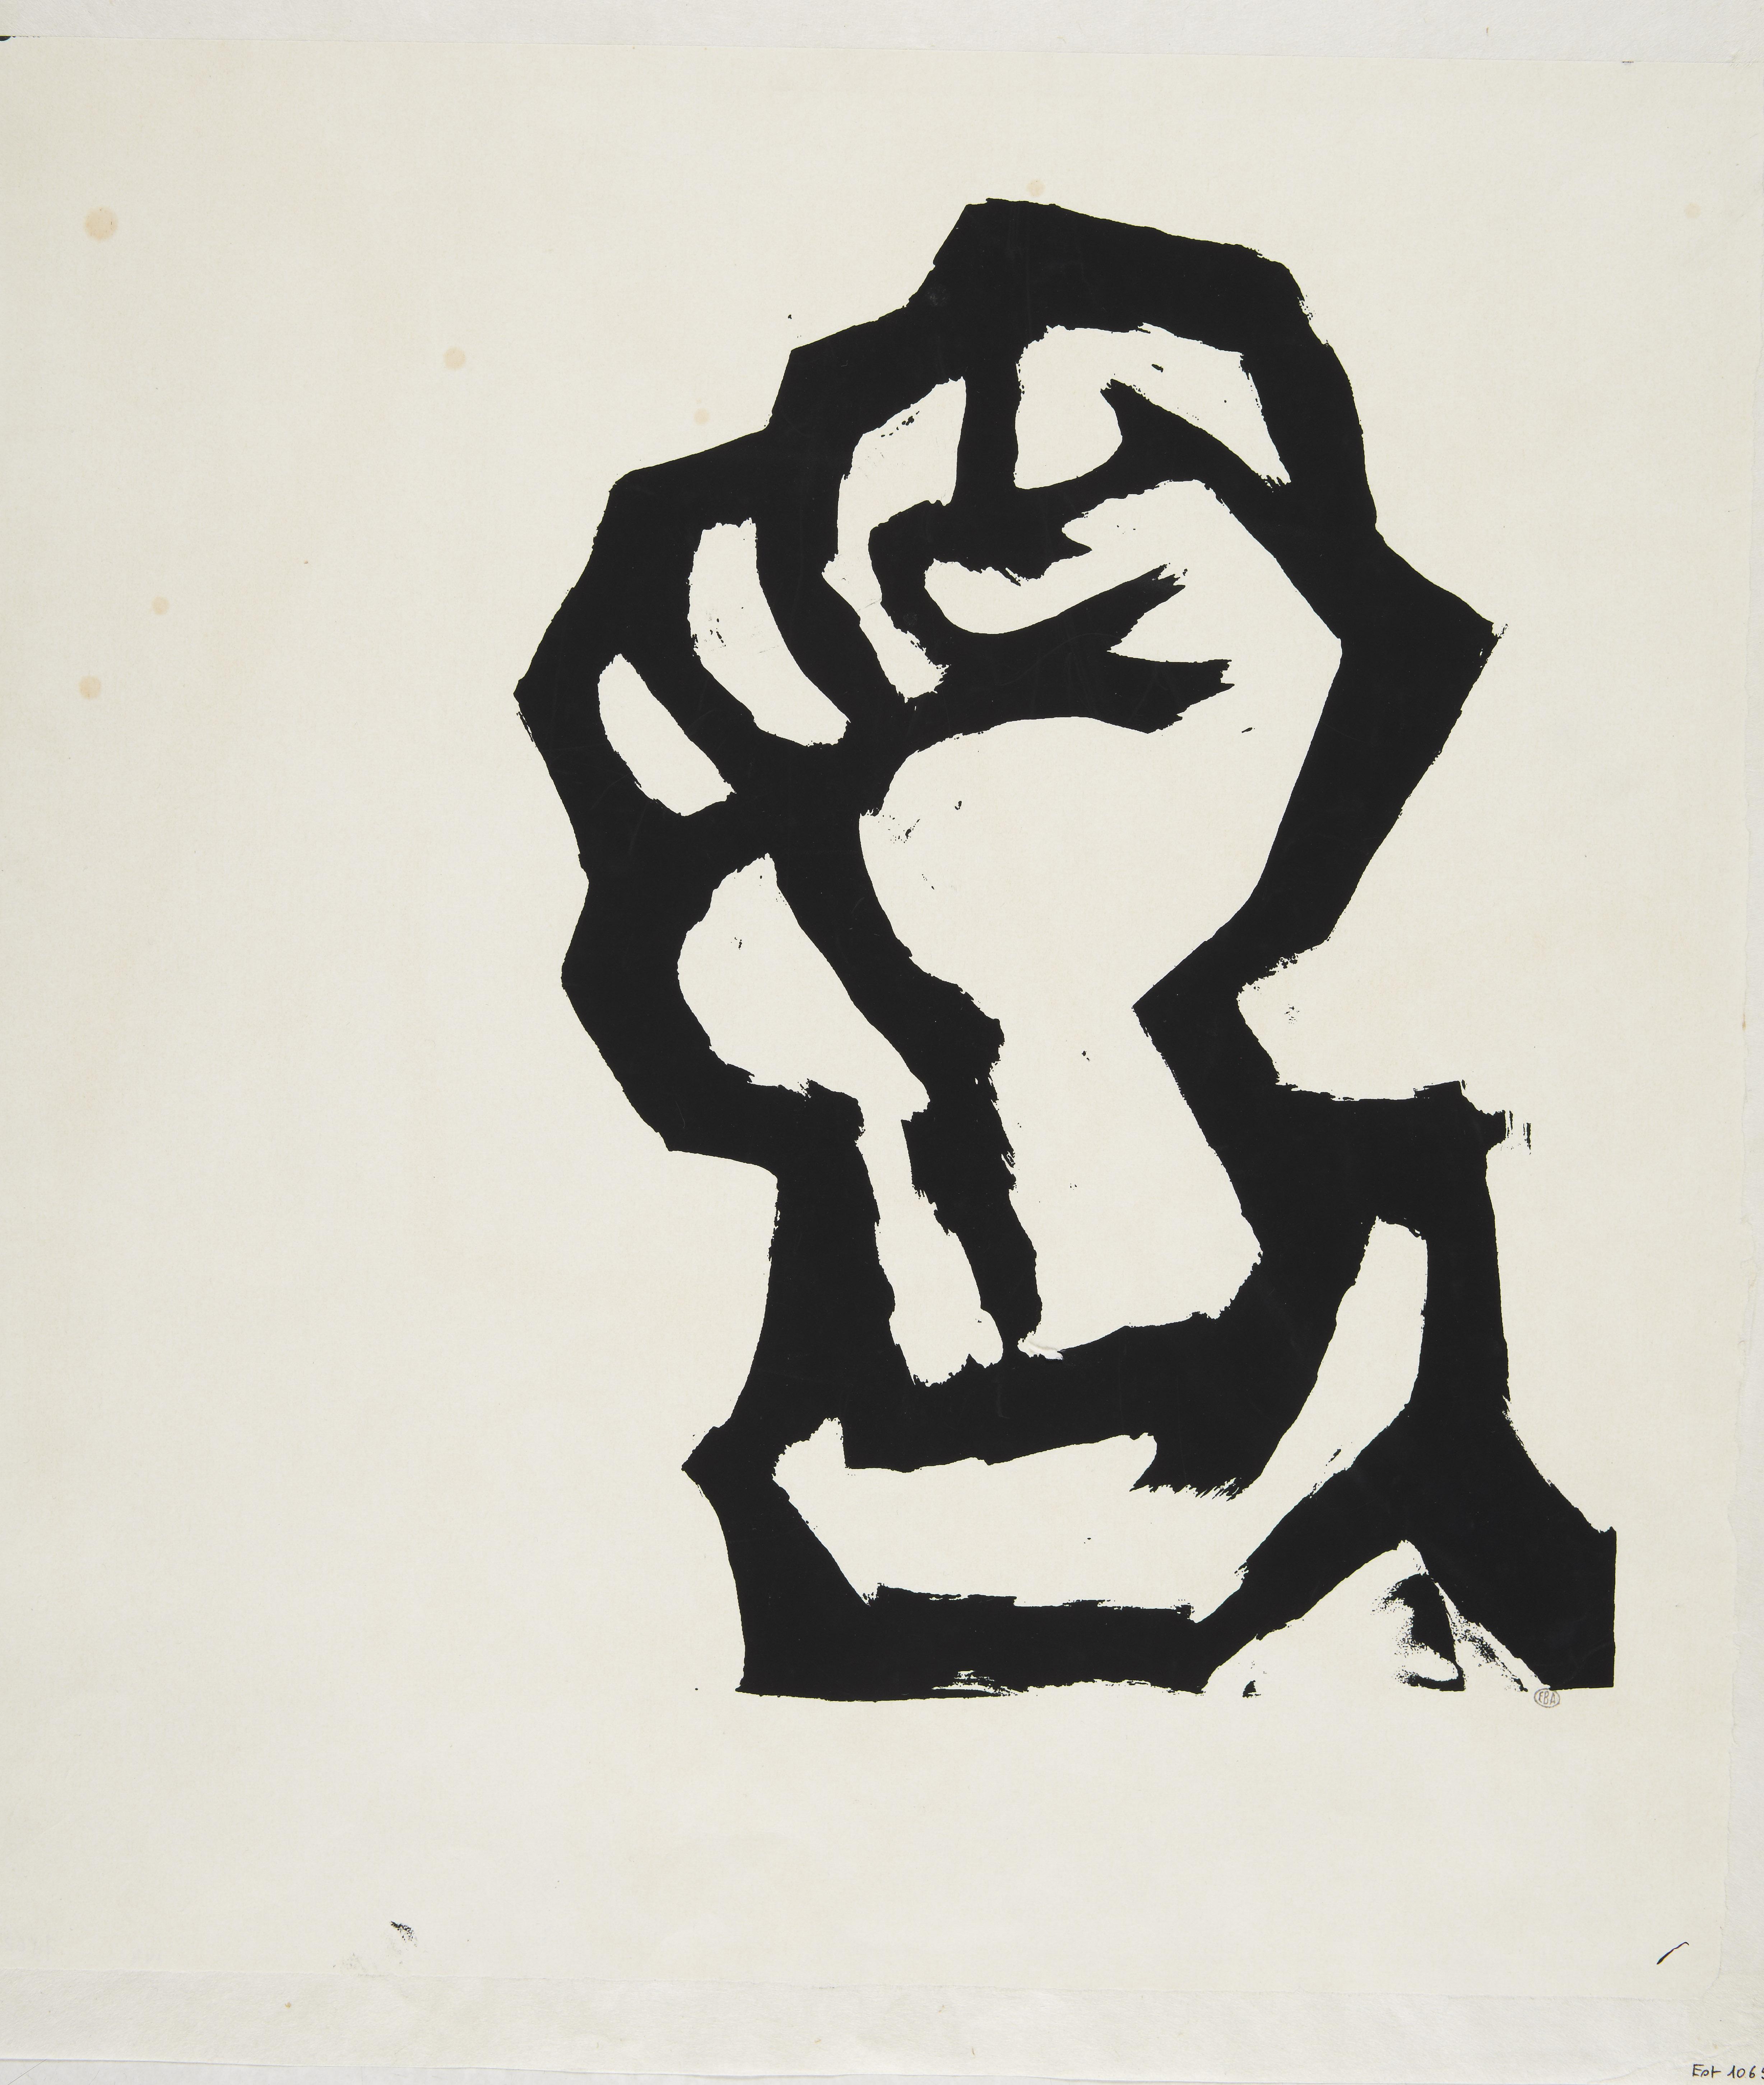 IMAGES EN LUTTE – La culture visuelle de l 'extrême gauche en France (1968-1974)